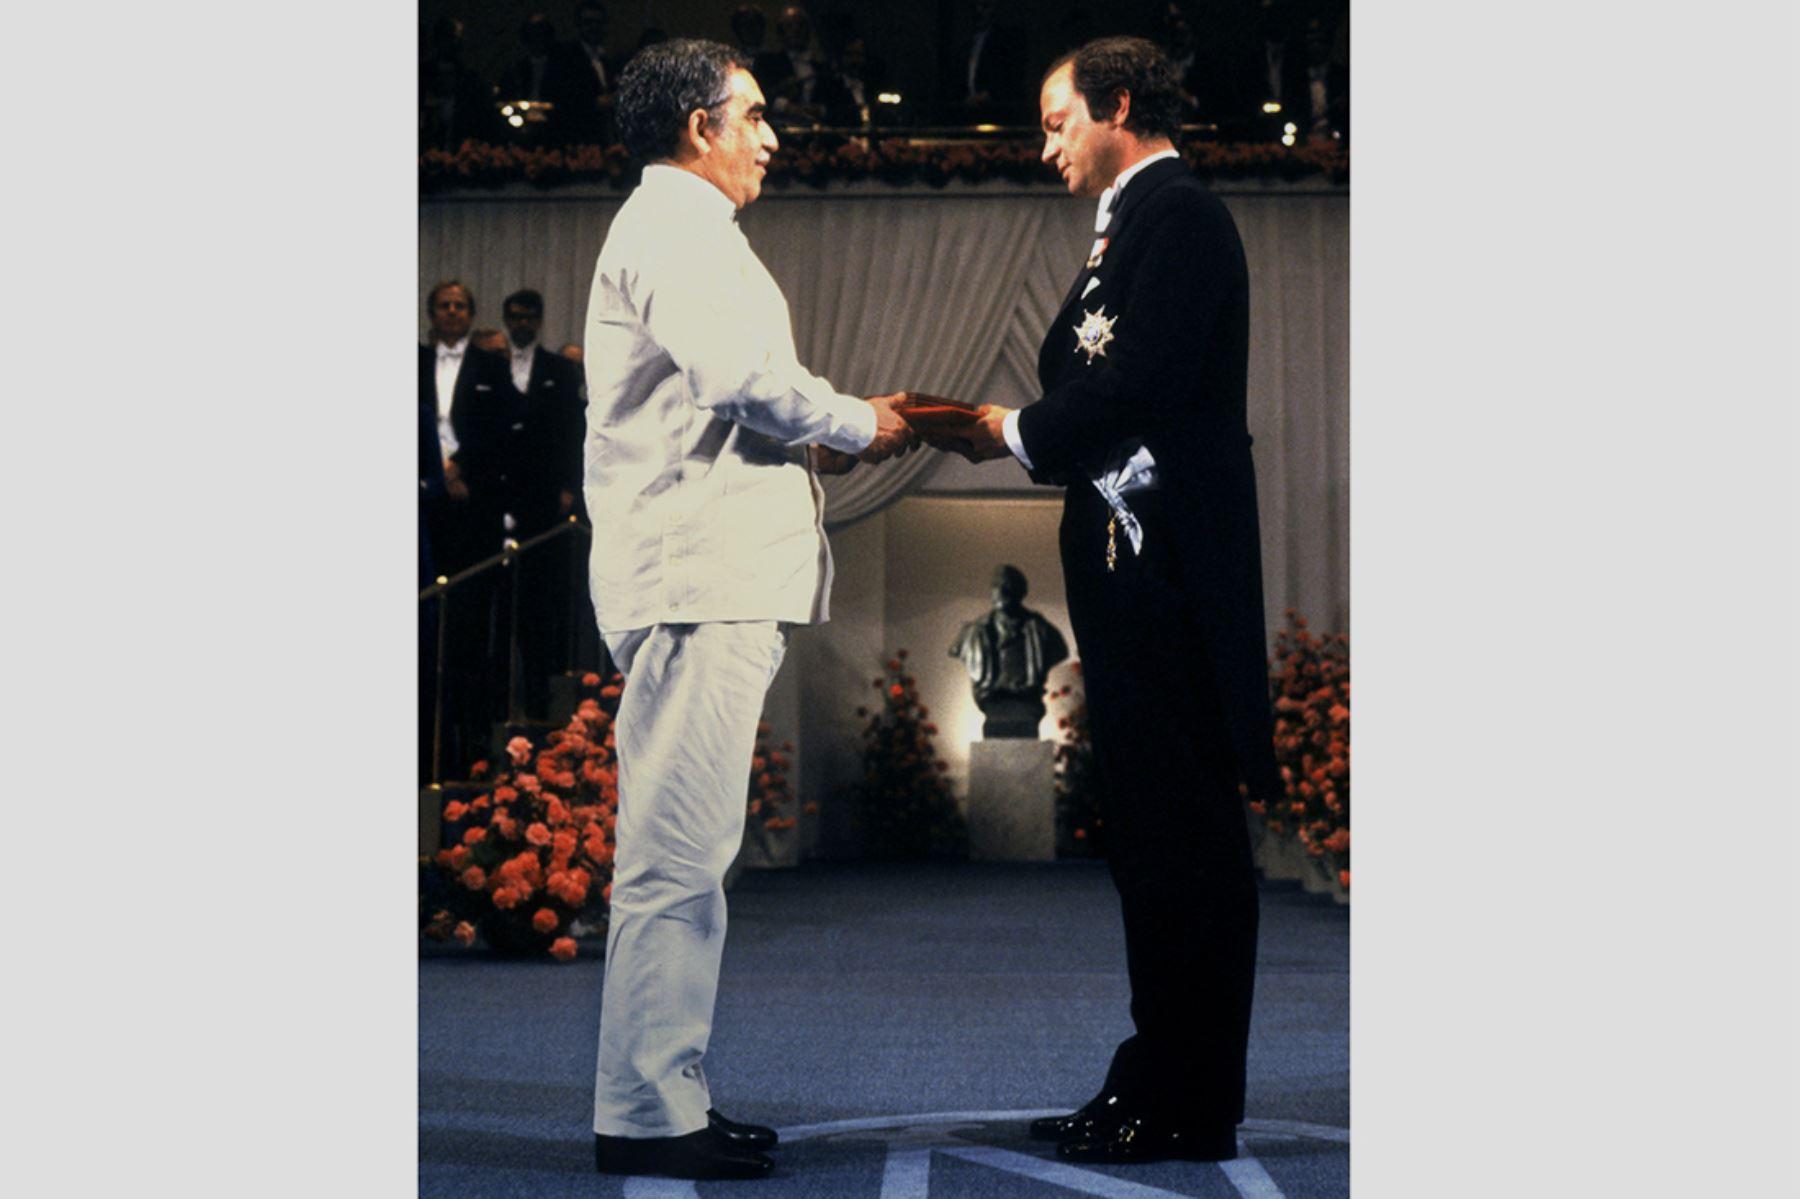 El escritor colombiano Gabriel García Márquez  recibe el Premio Nobel de Literatura el 10 de diciembre de 1982 en Estocolmo.  Foto. AFP